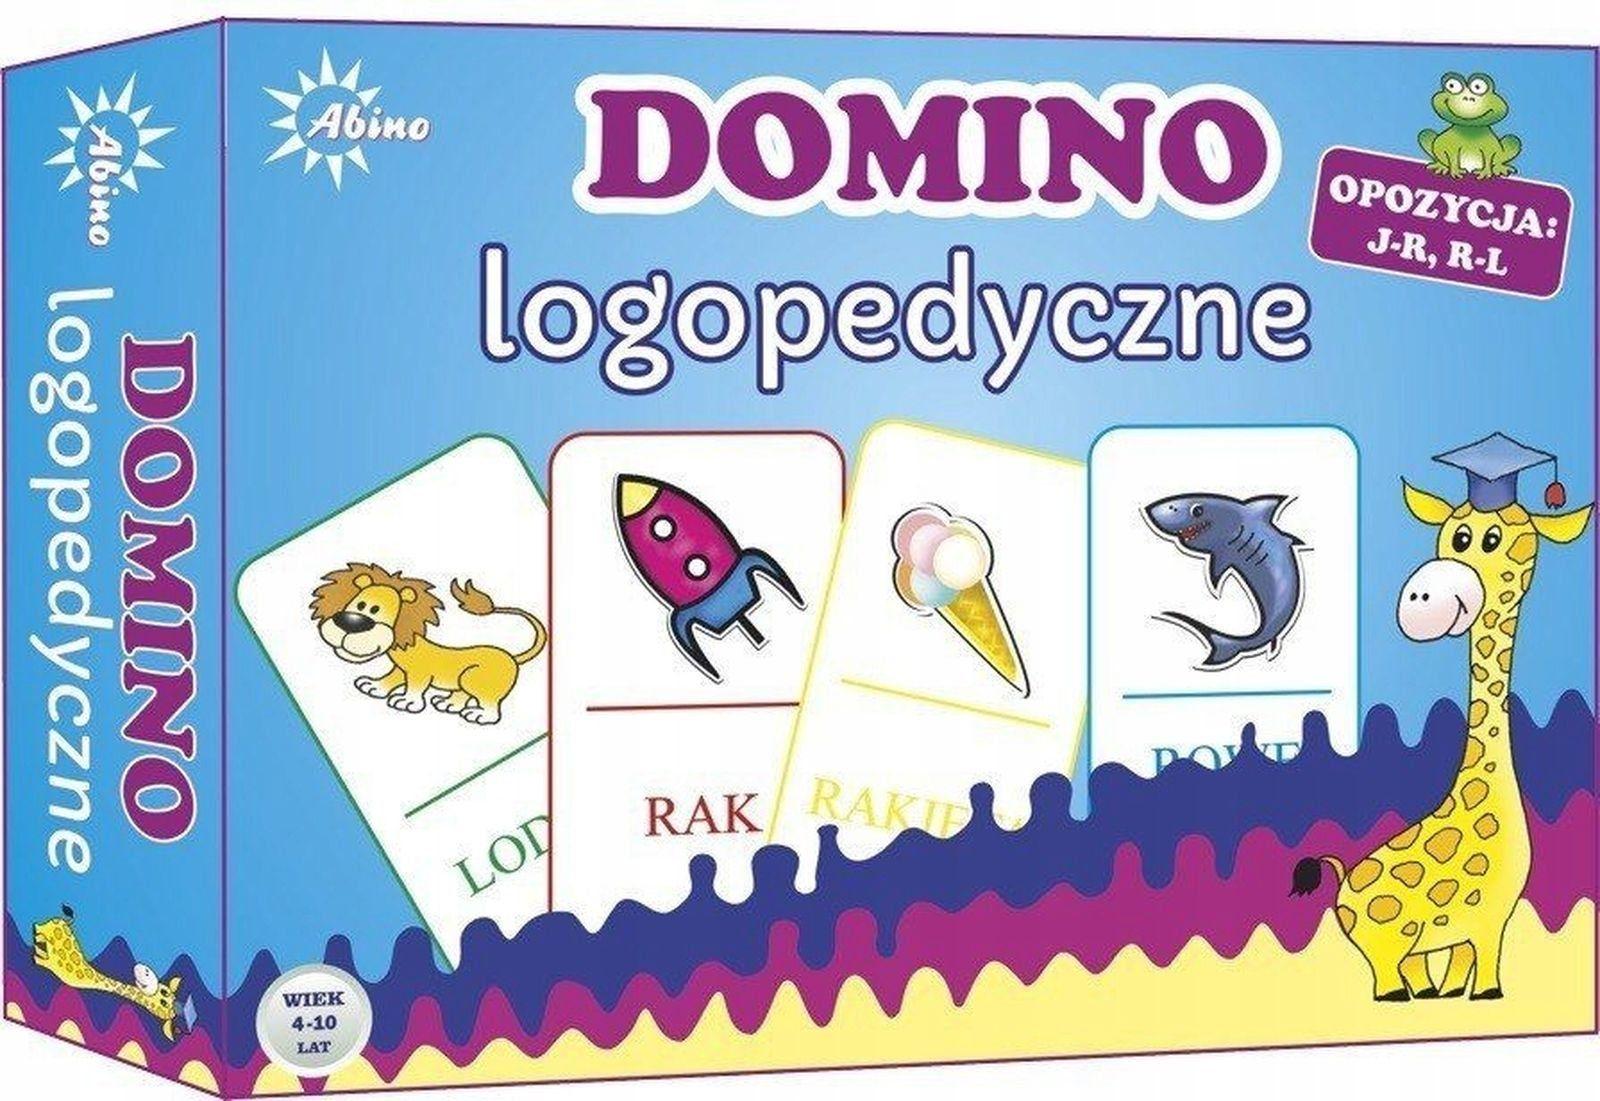 Domino logopedyczne J-R R-L 72762_2